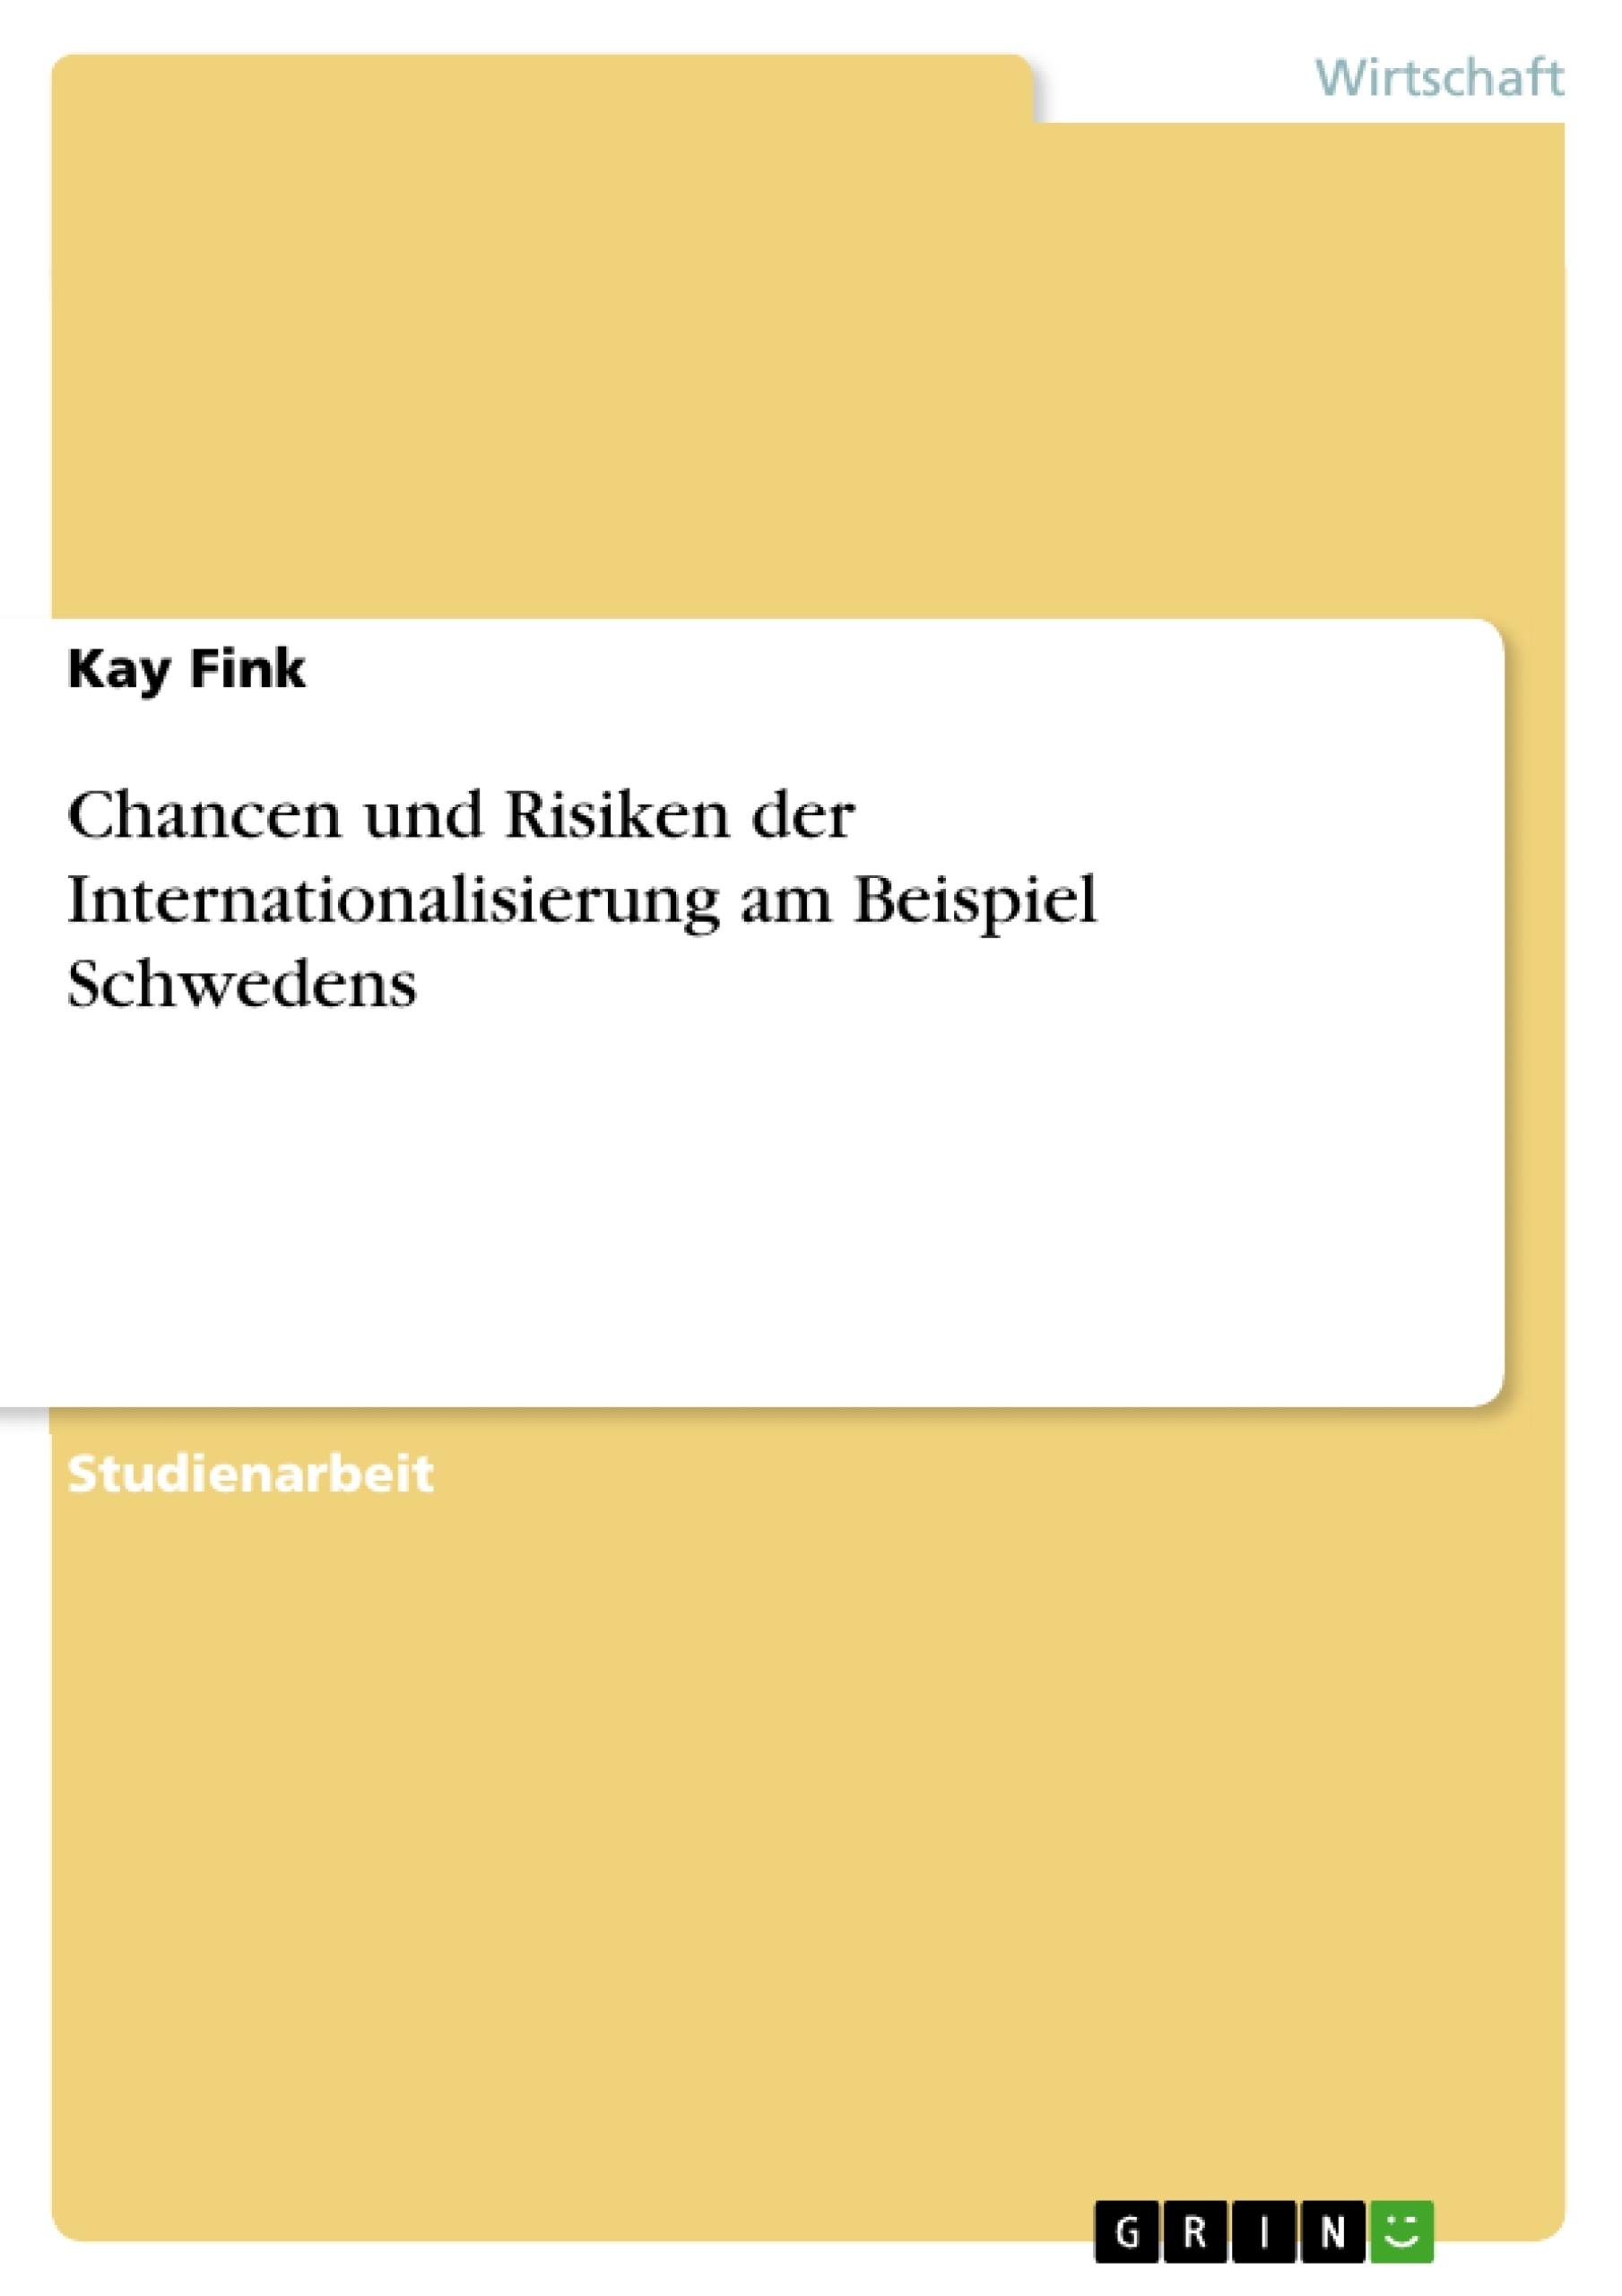 Titel: Chancen und Risiken der Internationalisierung am Beispiel Schwedens